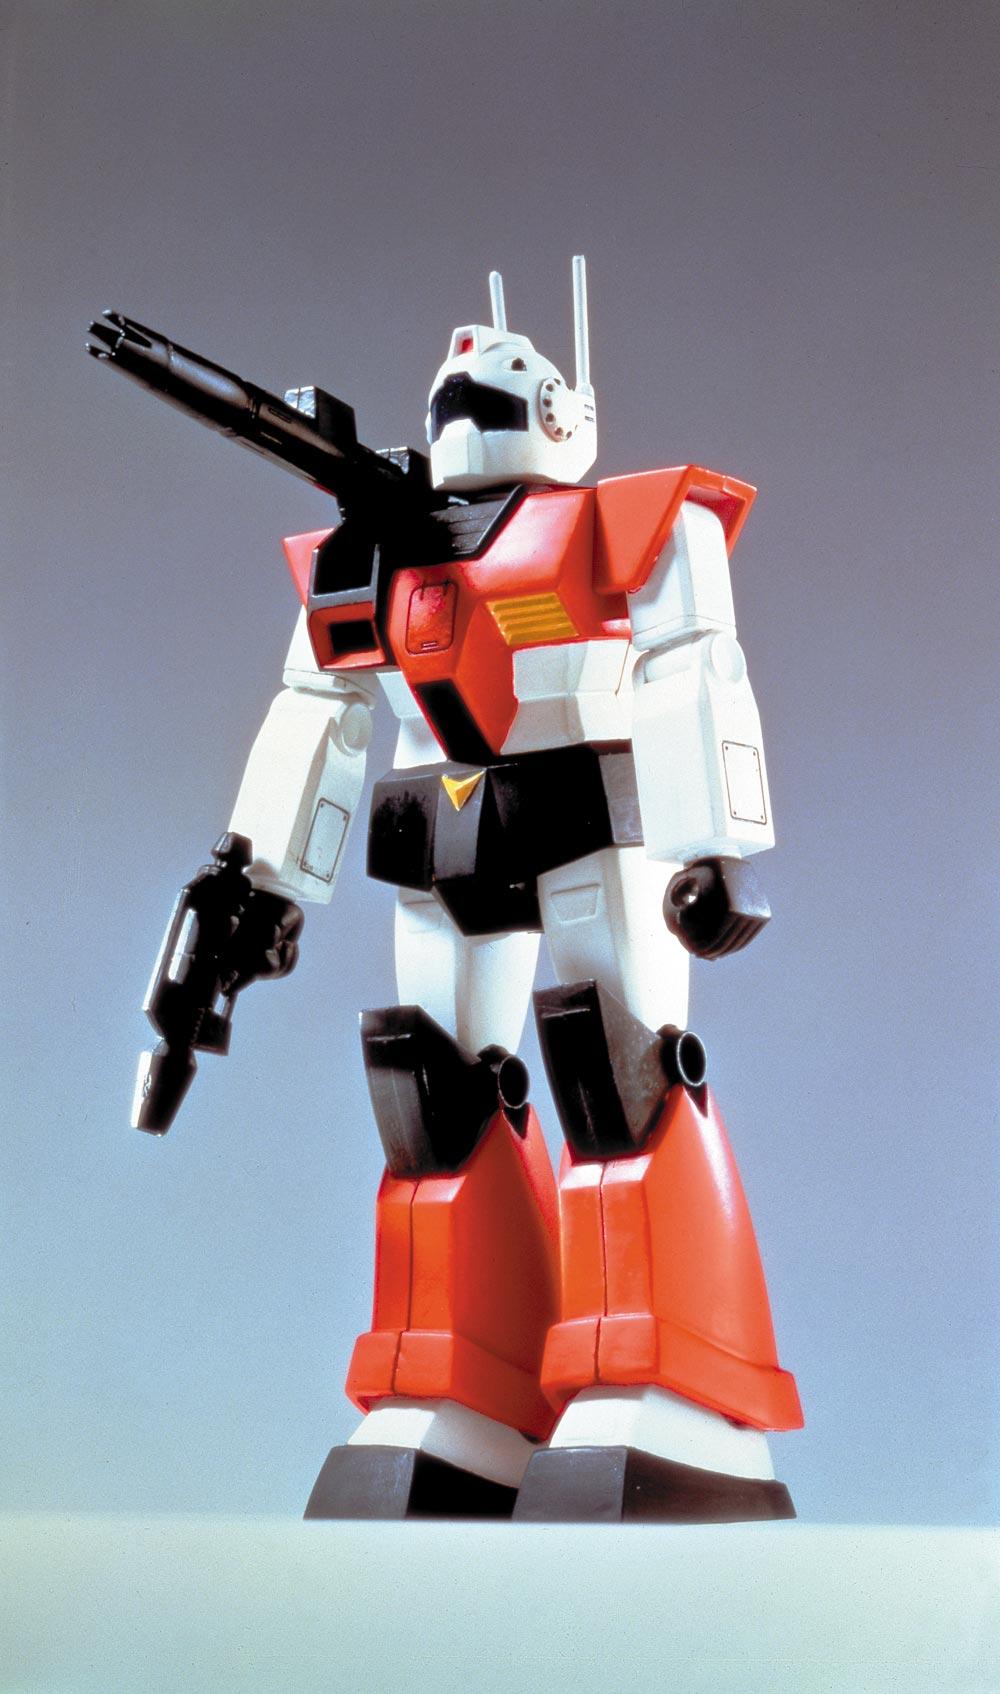 72733旧キット モビルスーツバリエーション(MSV) 1/144 RGC-80 ジムキャノン [Mobile Suit Variations GM Cannon]